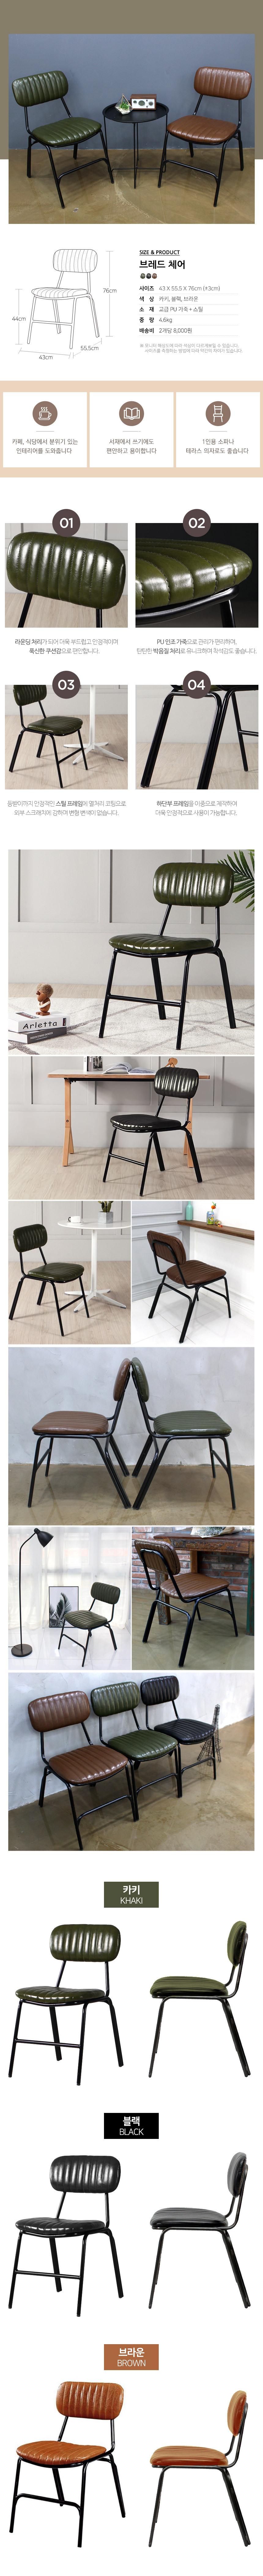 [오에이데스크]브레드 체어 - 오에이데스크, 45,500원, 디자인 의자, 인테리어의자